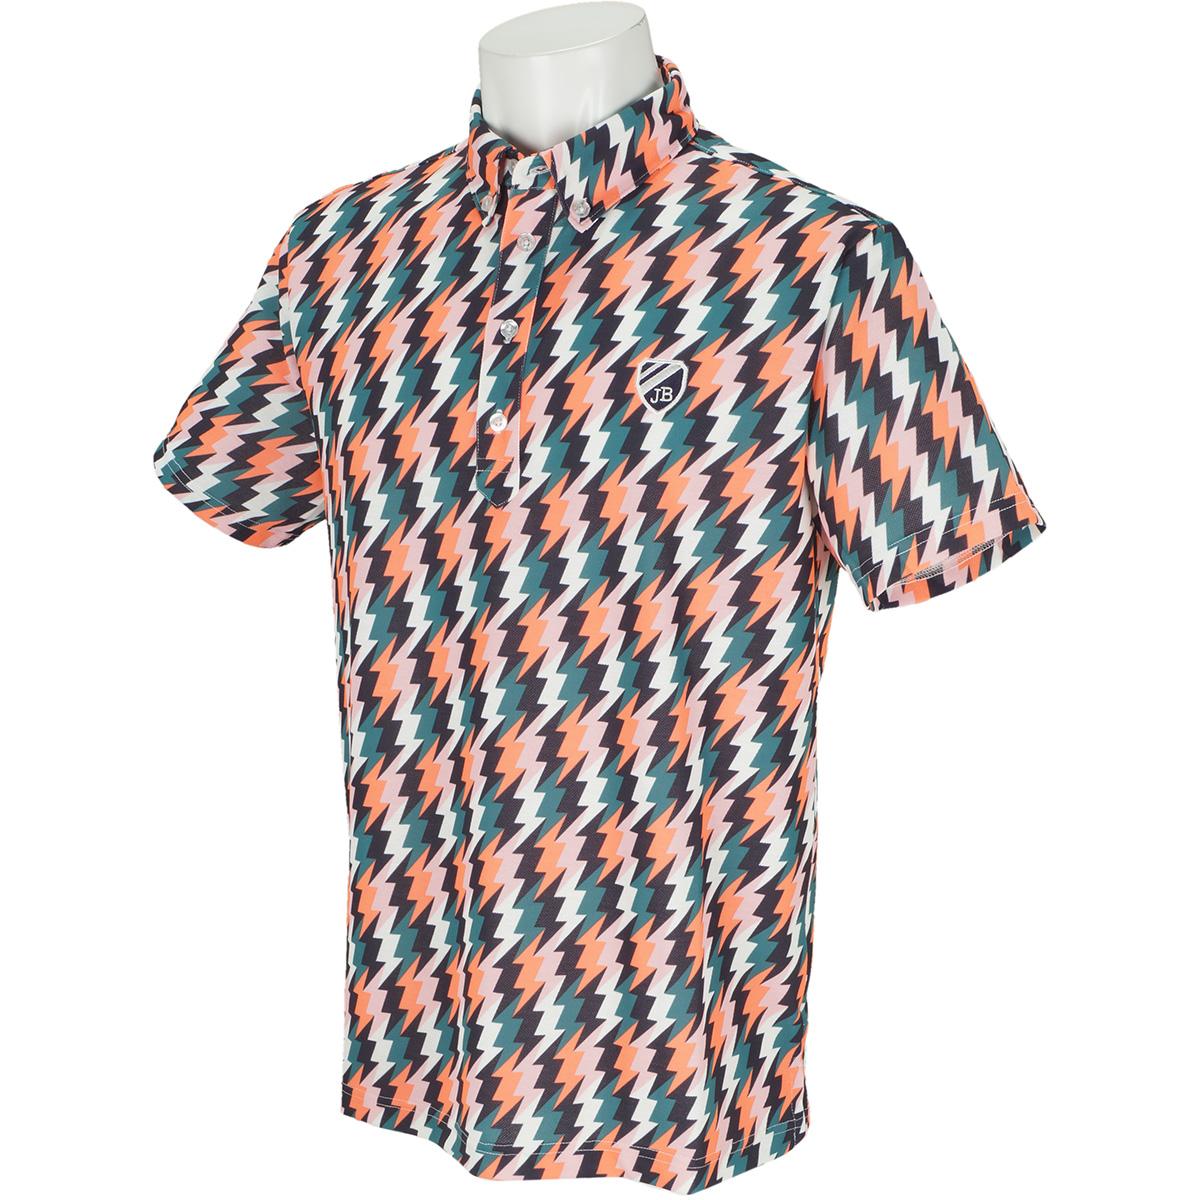 スパン鹿の子 イナズマプリント半袖ポロシャツ